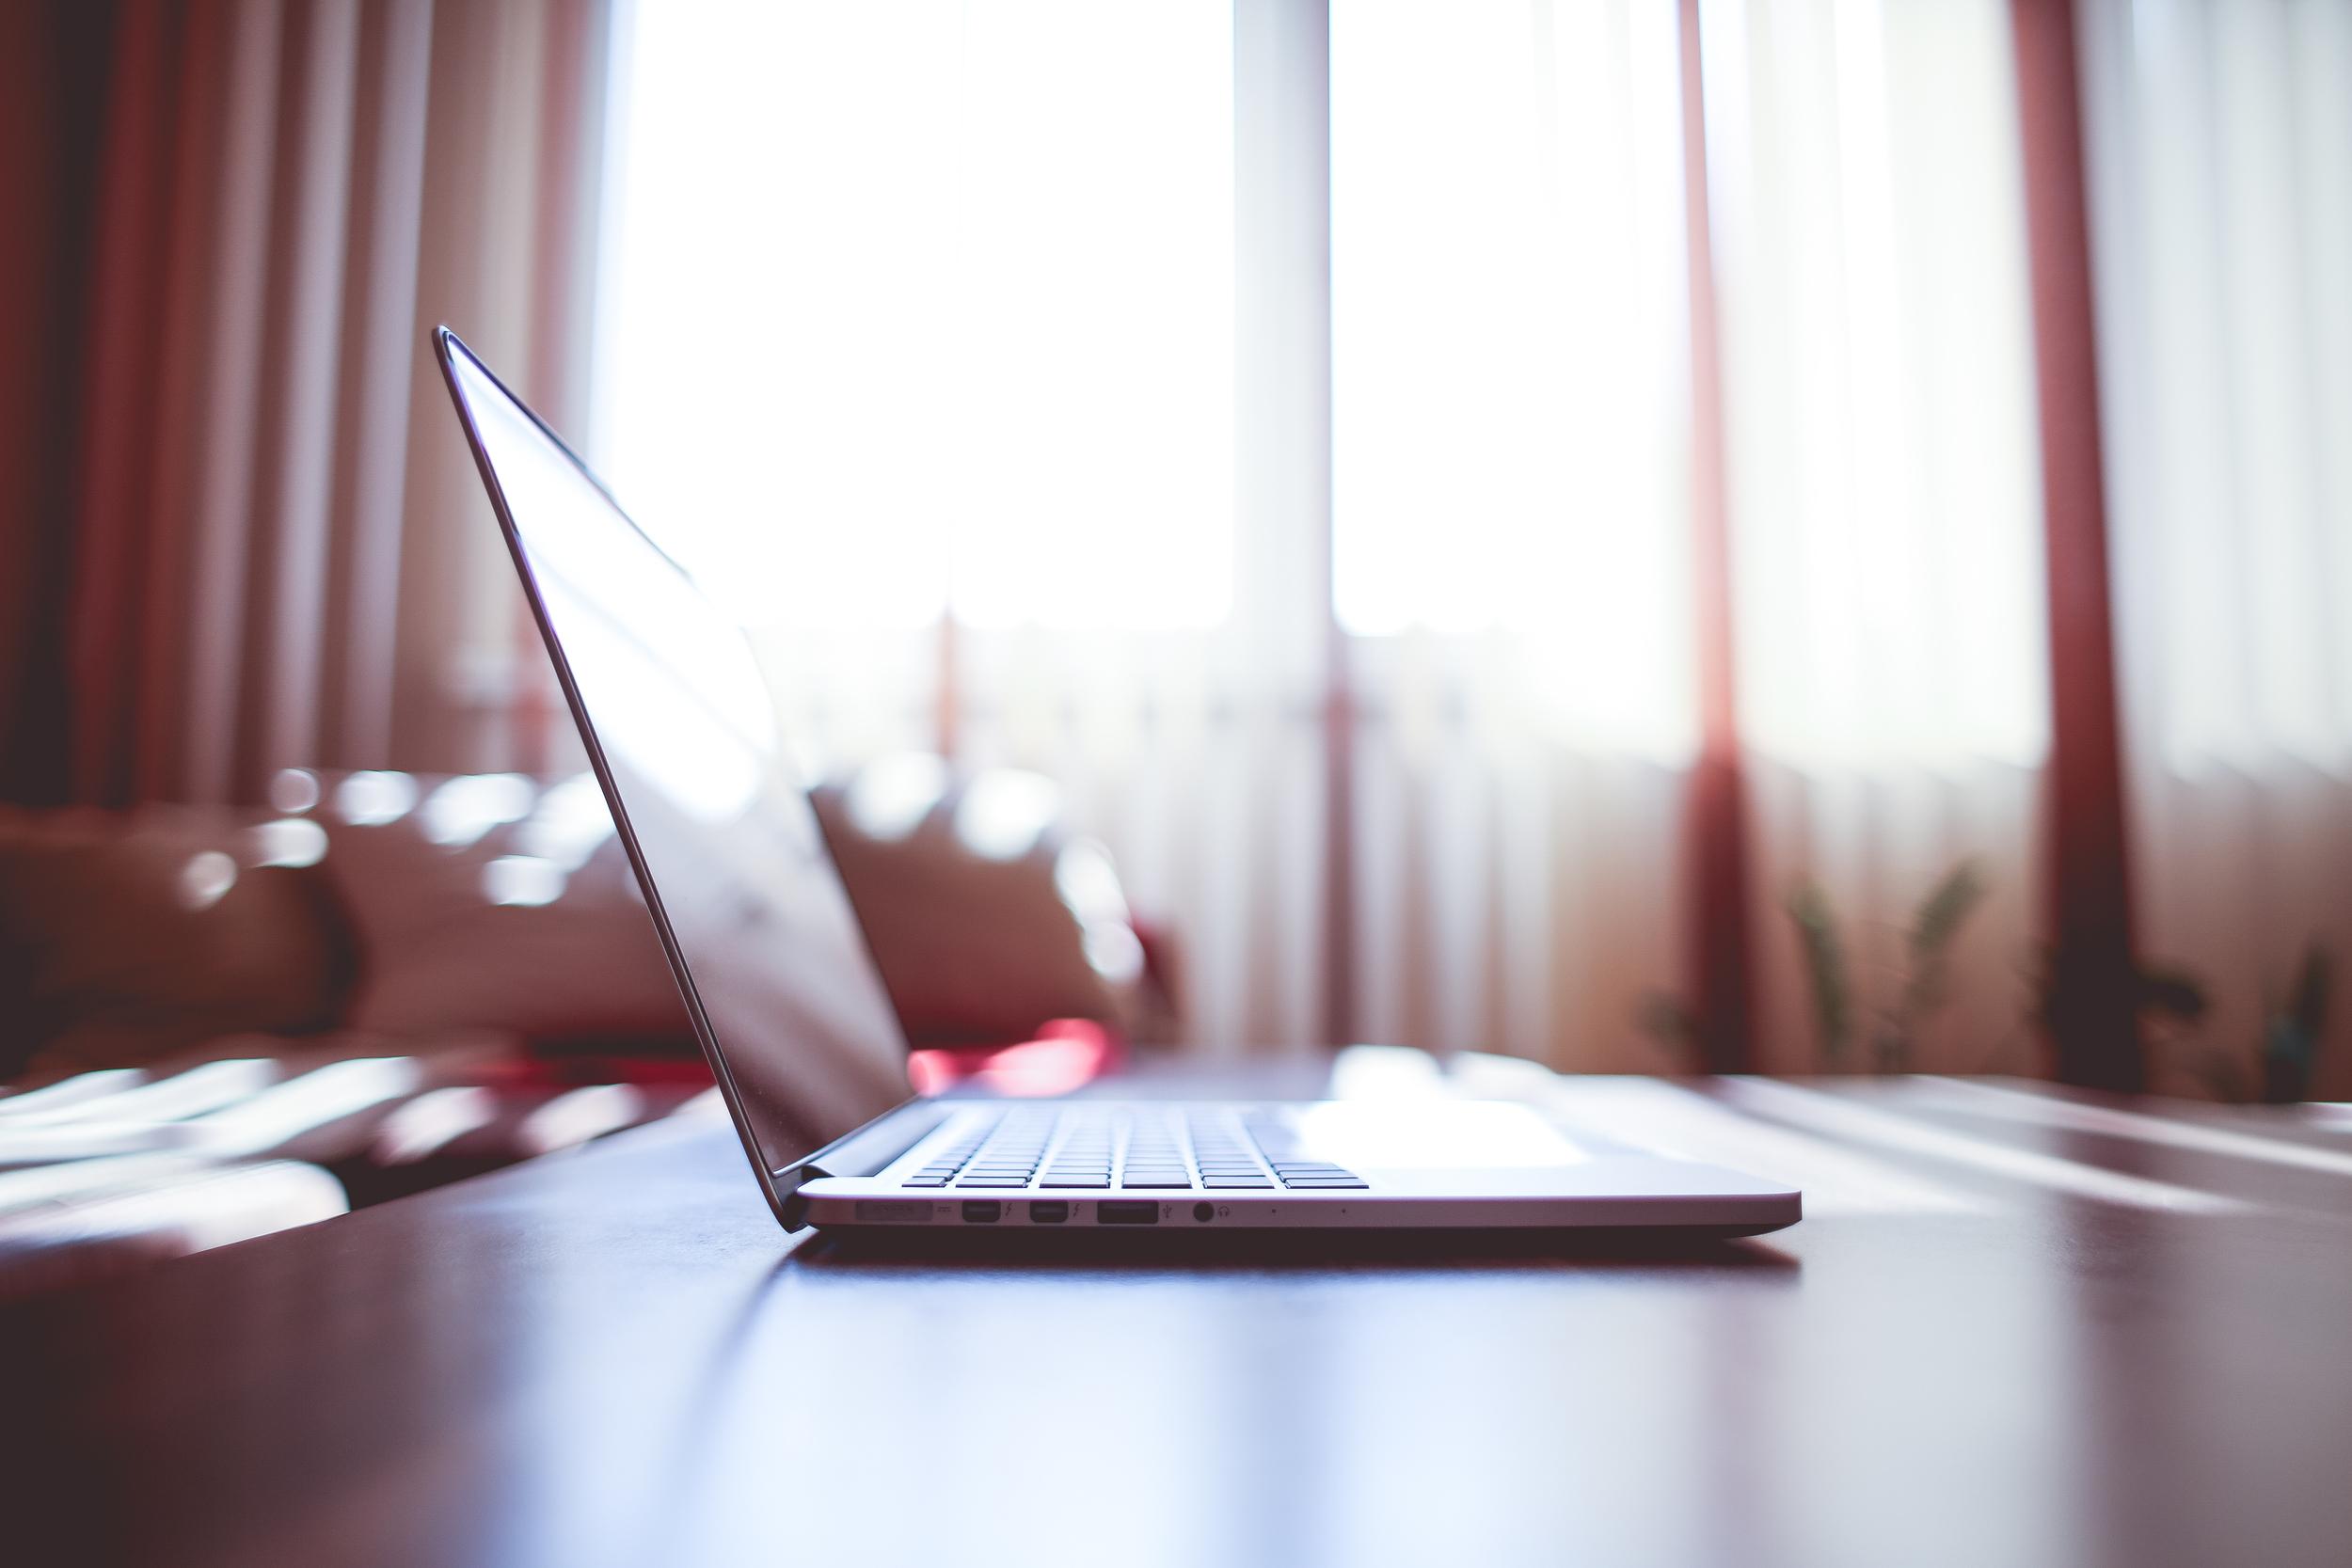 Coverstories Blog - Der Coverstories-Blog bietet Artikel für die regelmäßige Dosis digitale Inspiration und Innovation. Ich biete Einblicke in die neusten Trends und Entwicklungen der digitalen Welt und die Welt von morgen.